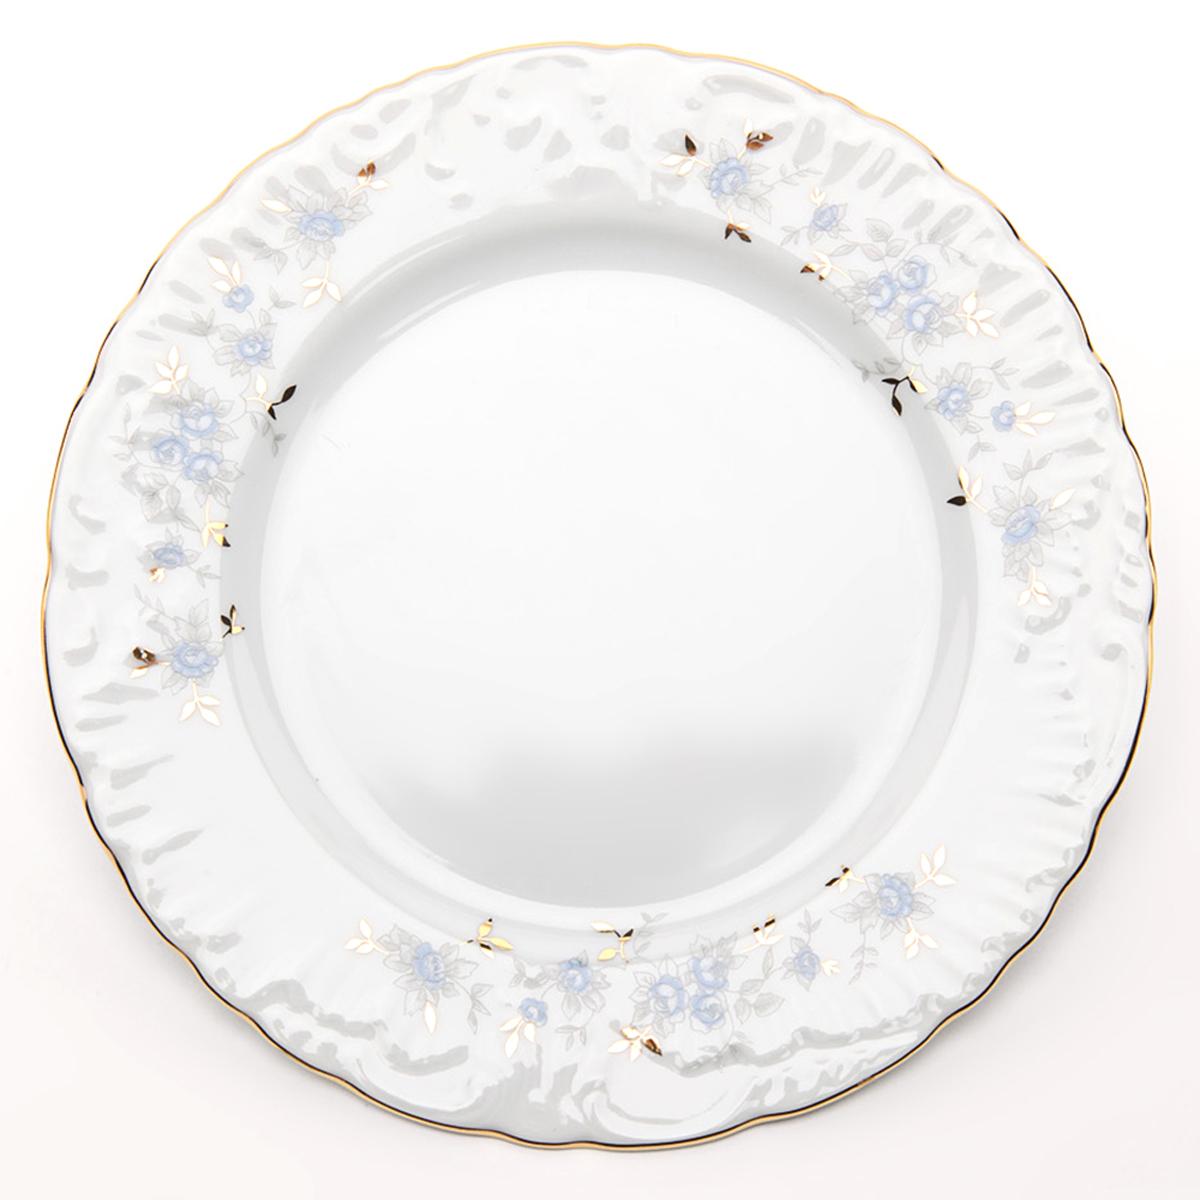 Фото - Тарелка десертная Cmielow Rococo. Голубой цветок, диаметр 17 см тарелка десертная cmielow rococo диаметр 17 см